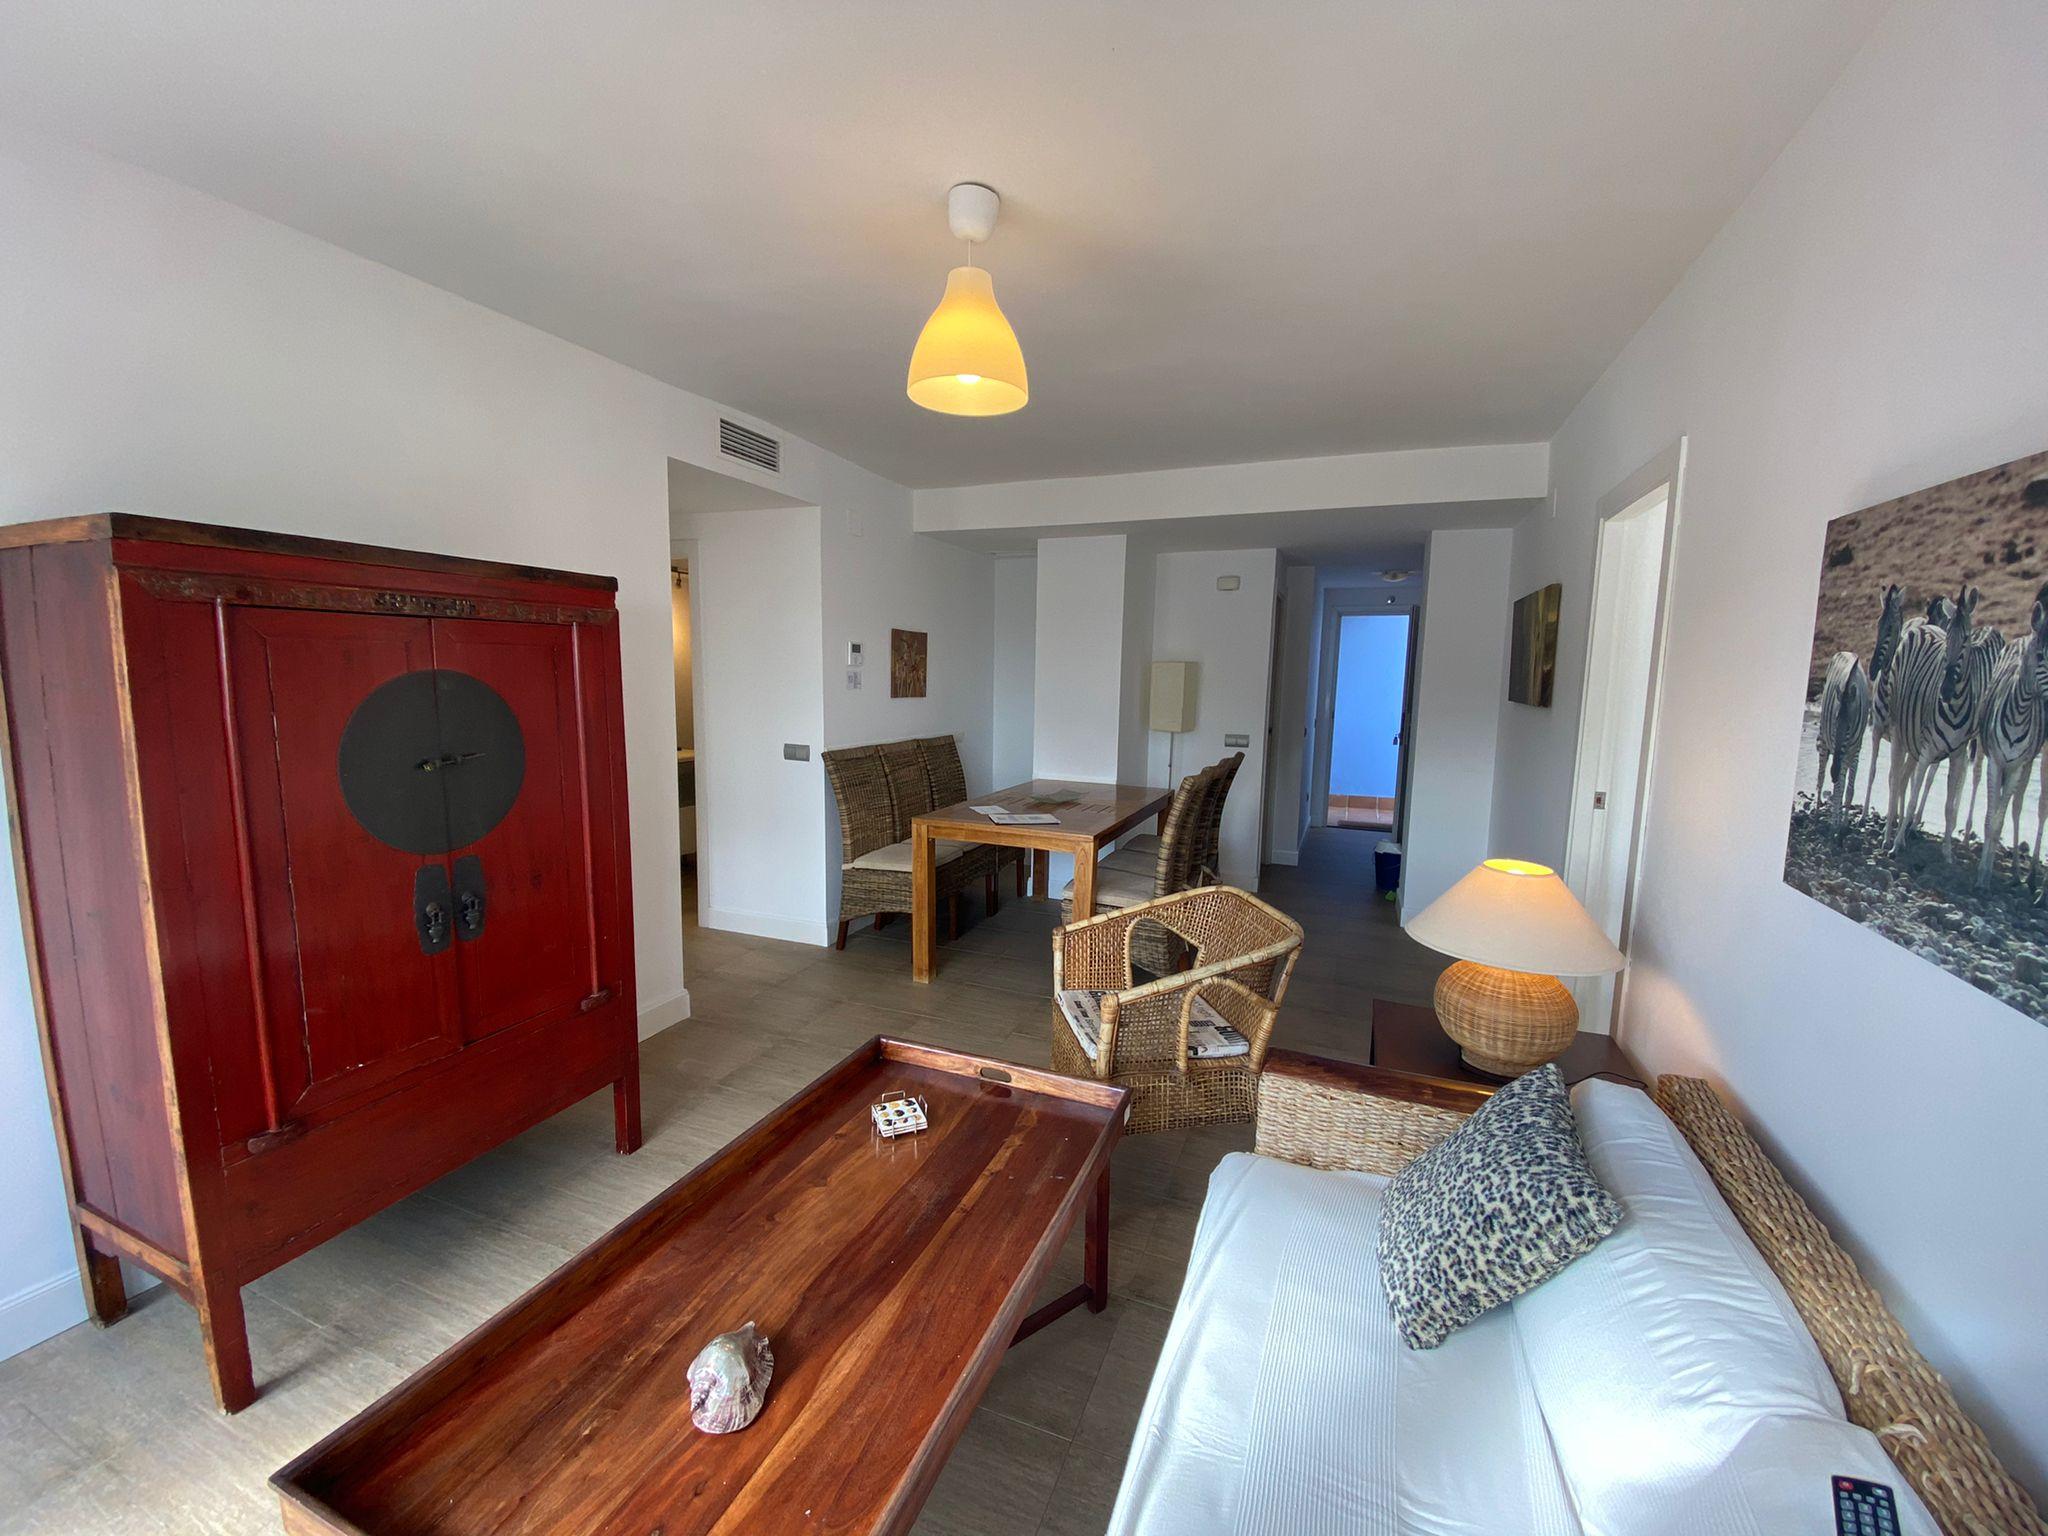 Imagen 17 del Apartamento Turístico, Ático 7 Central (3d+2b), Punta del Moral (HUELVA), Paseo de la Cruz nº22